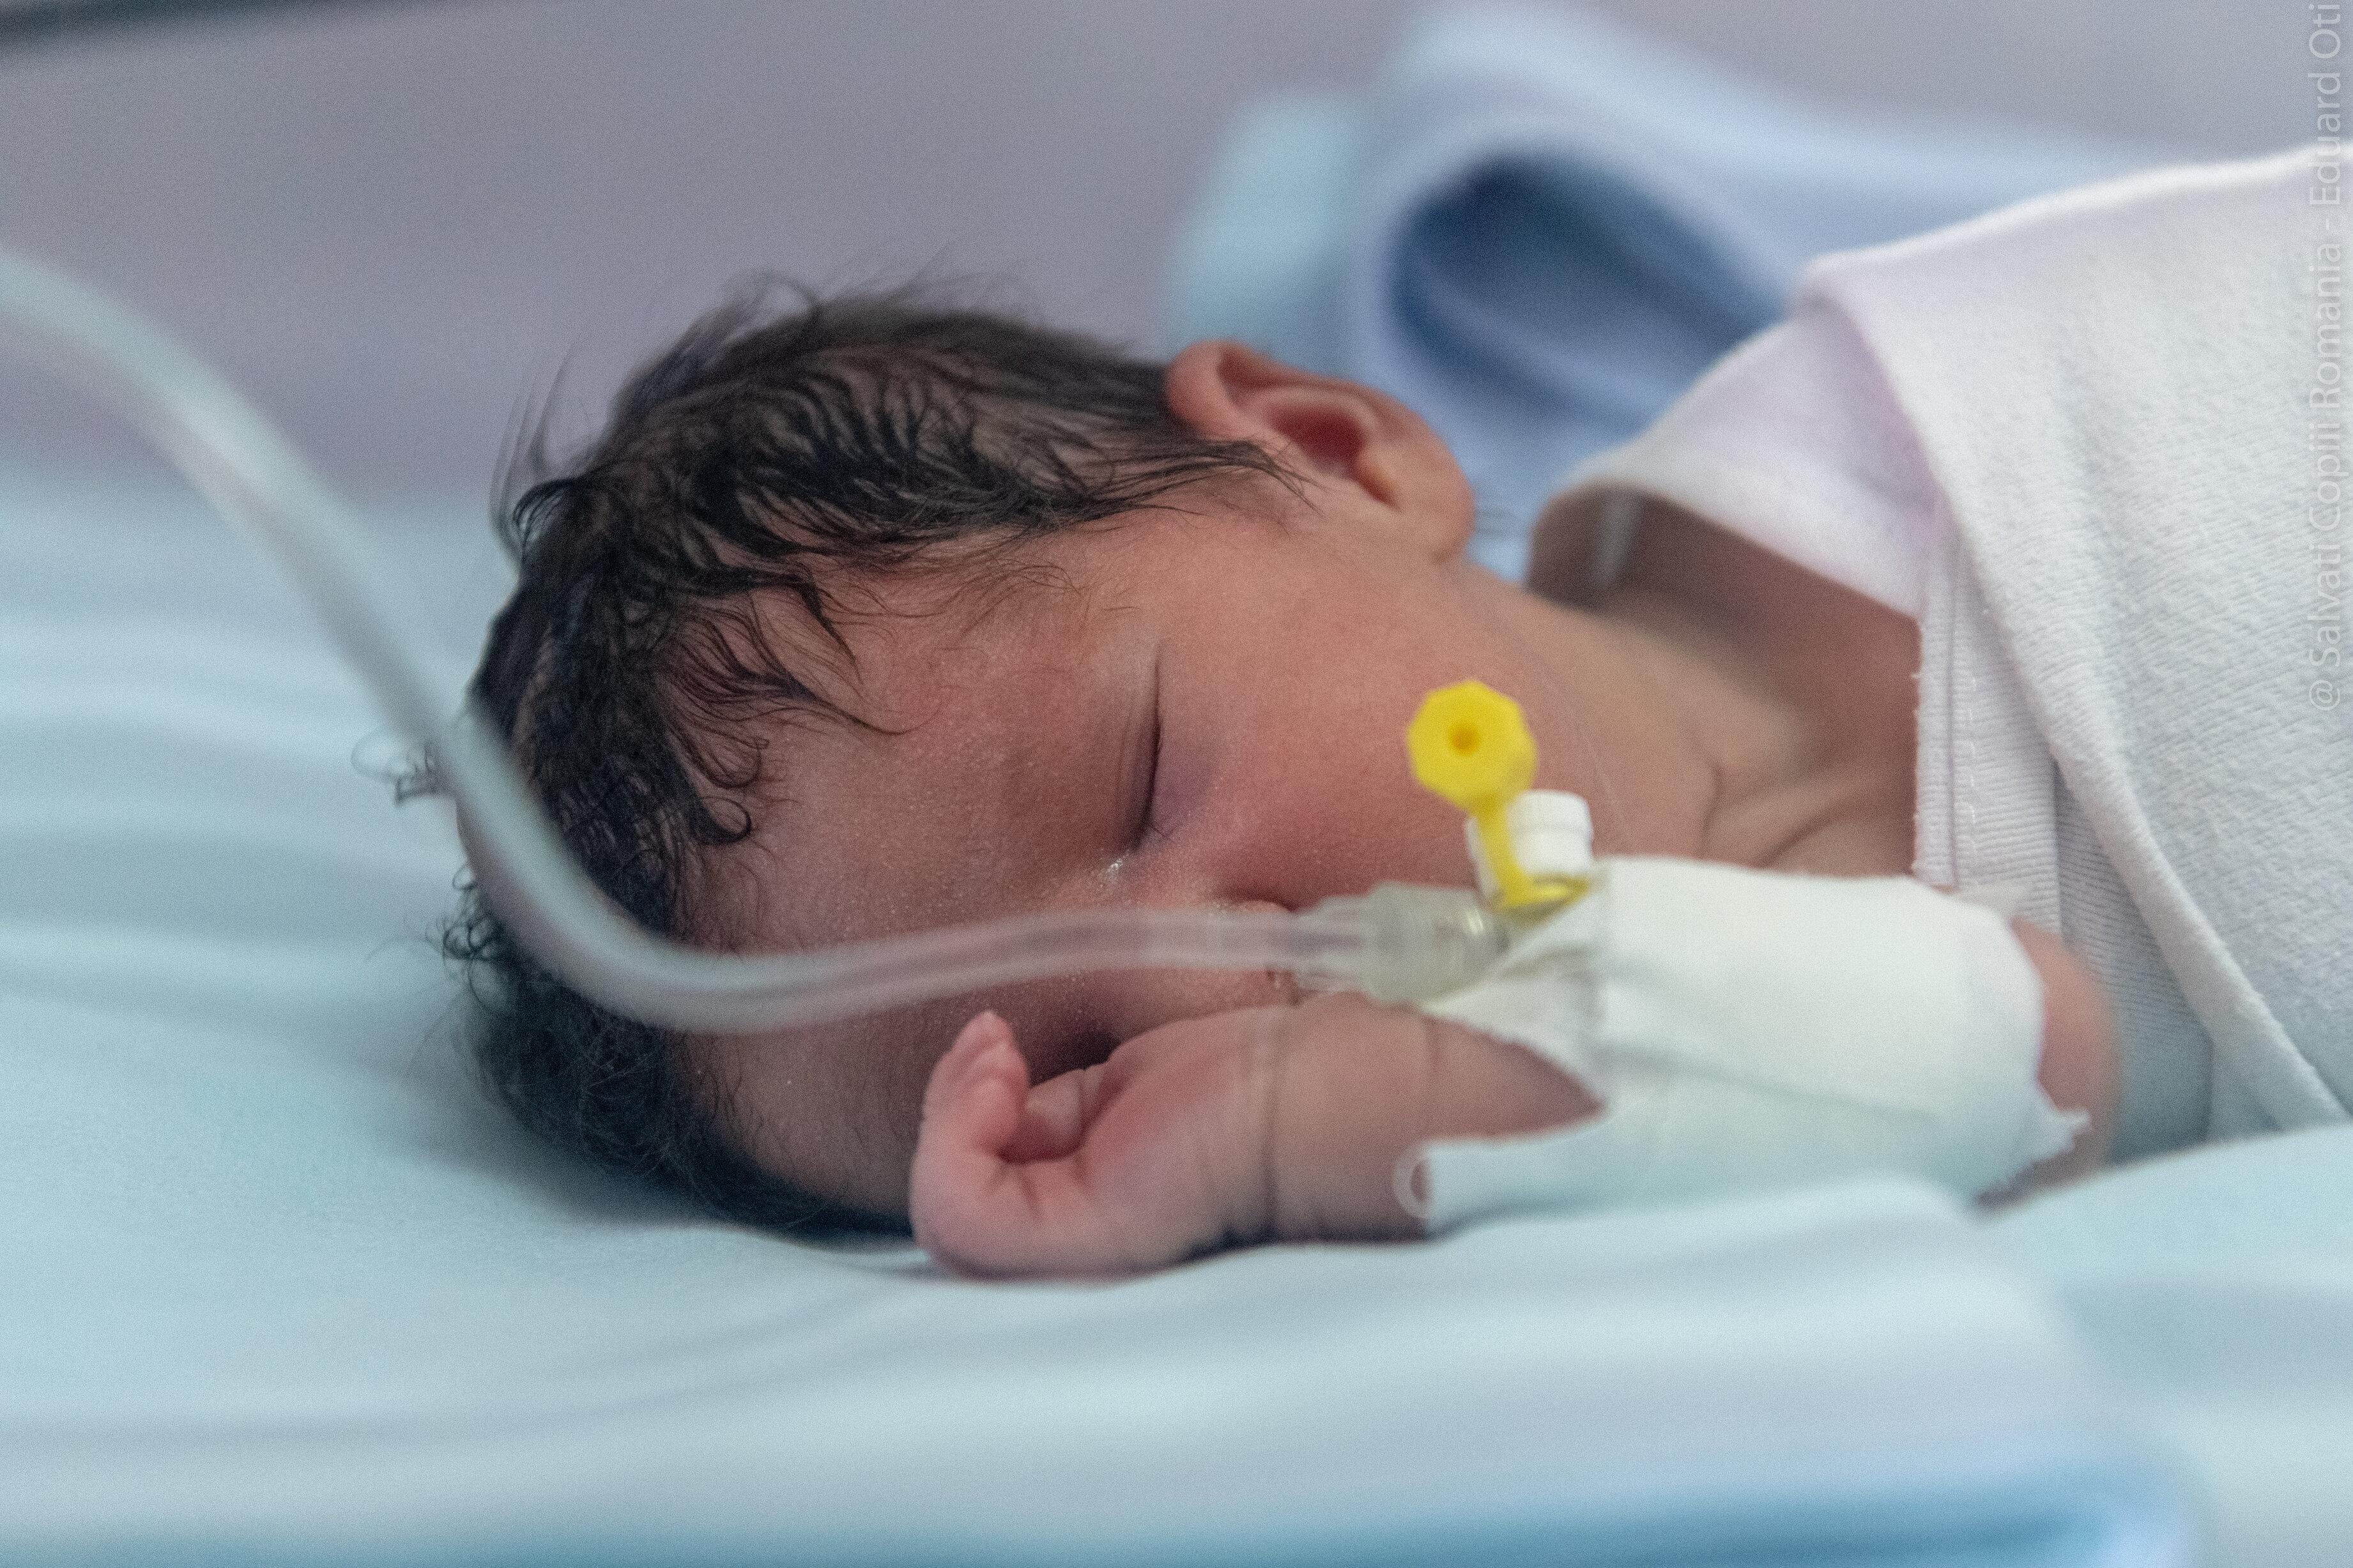 Ionuț a supraviețuit, dar sunt nou-născuți care mor în tăcere, pentru că nu există un incubator pentru ei. Noi putem schimba statisticile negre